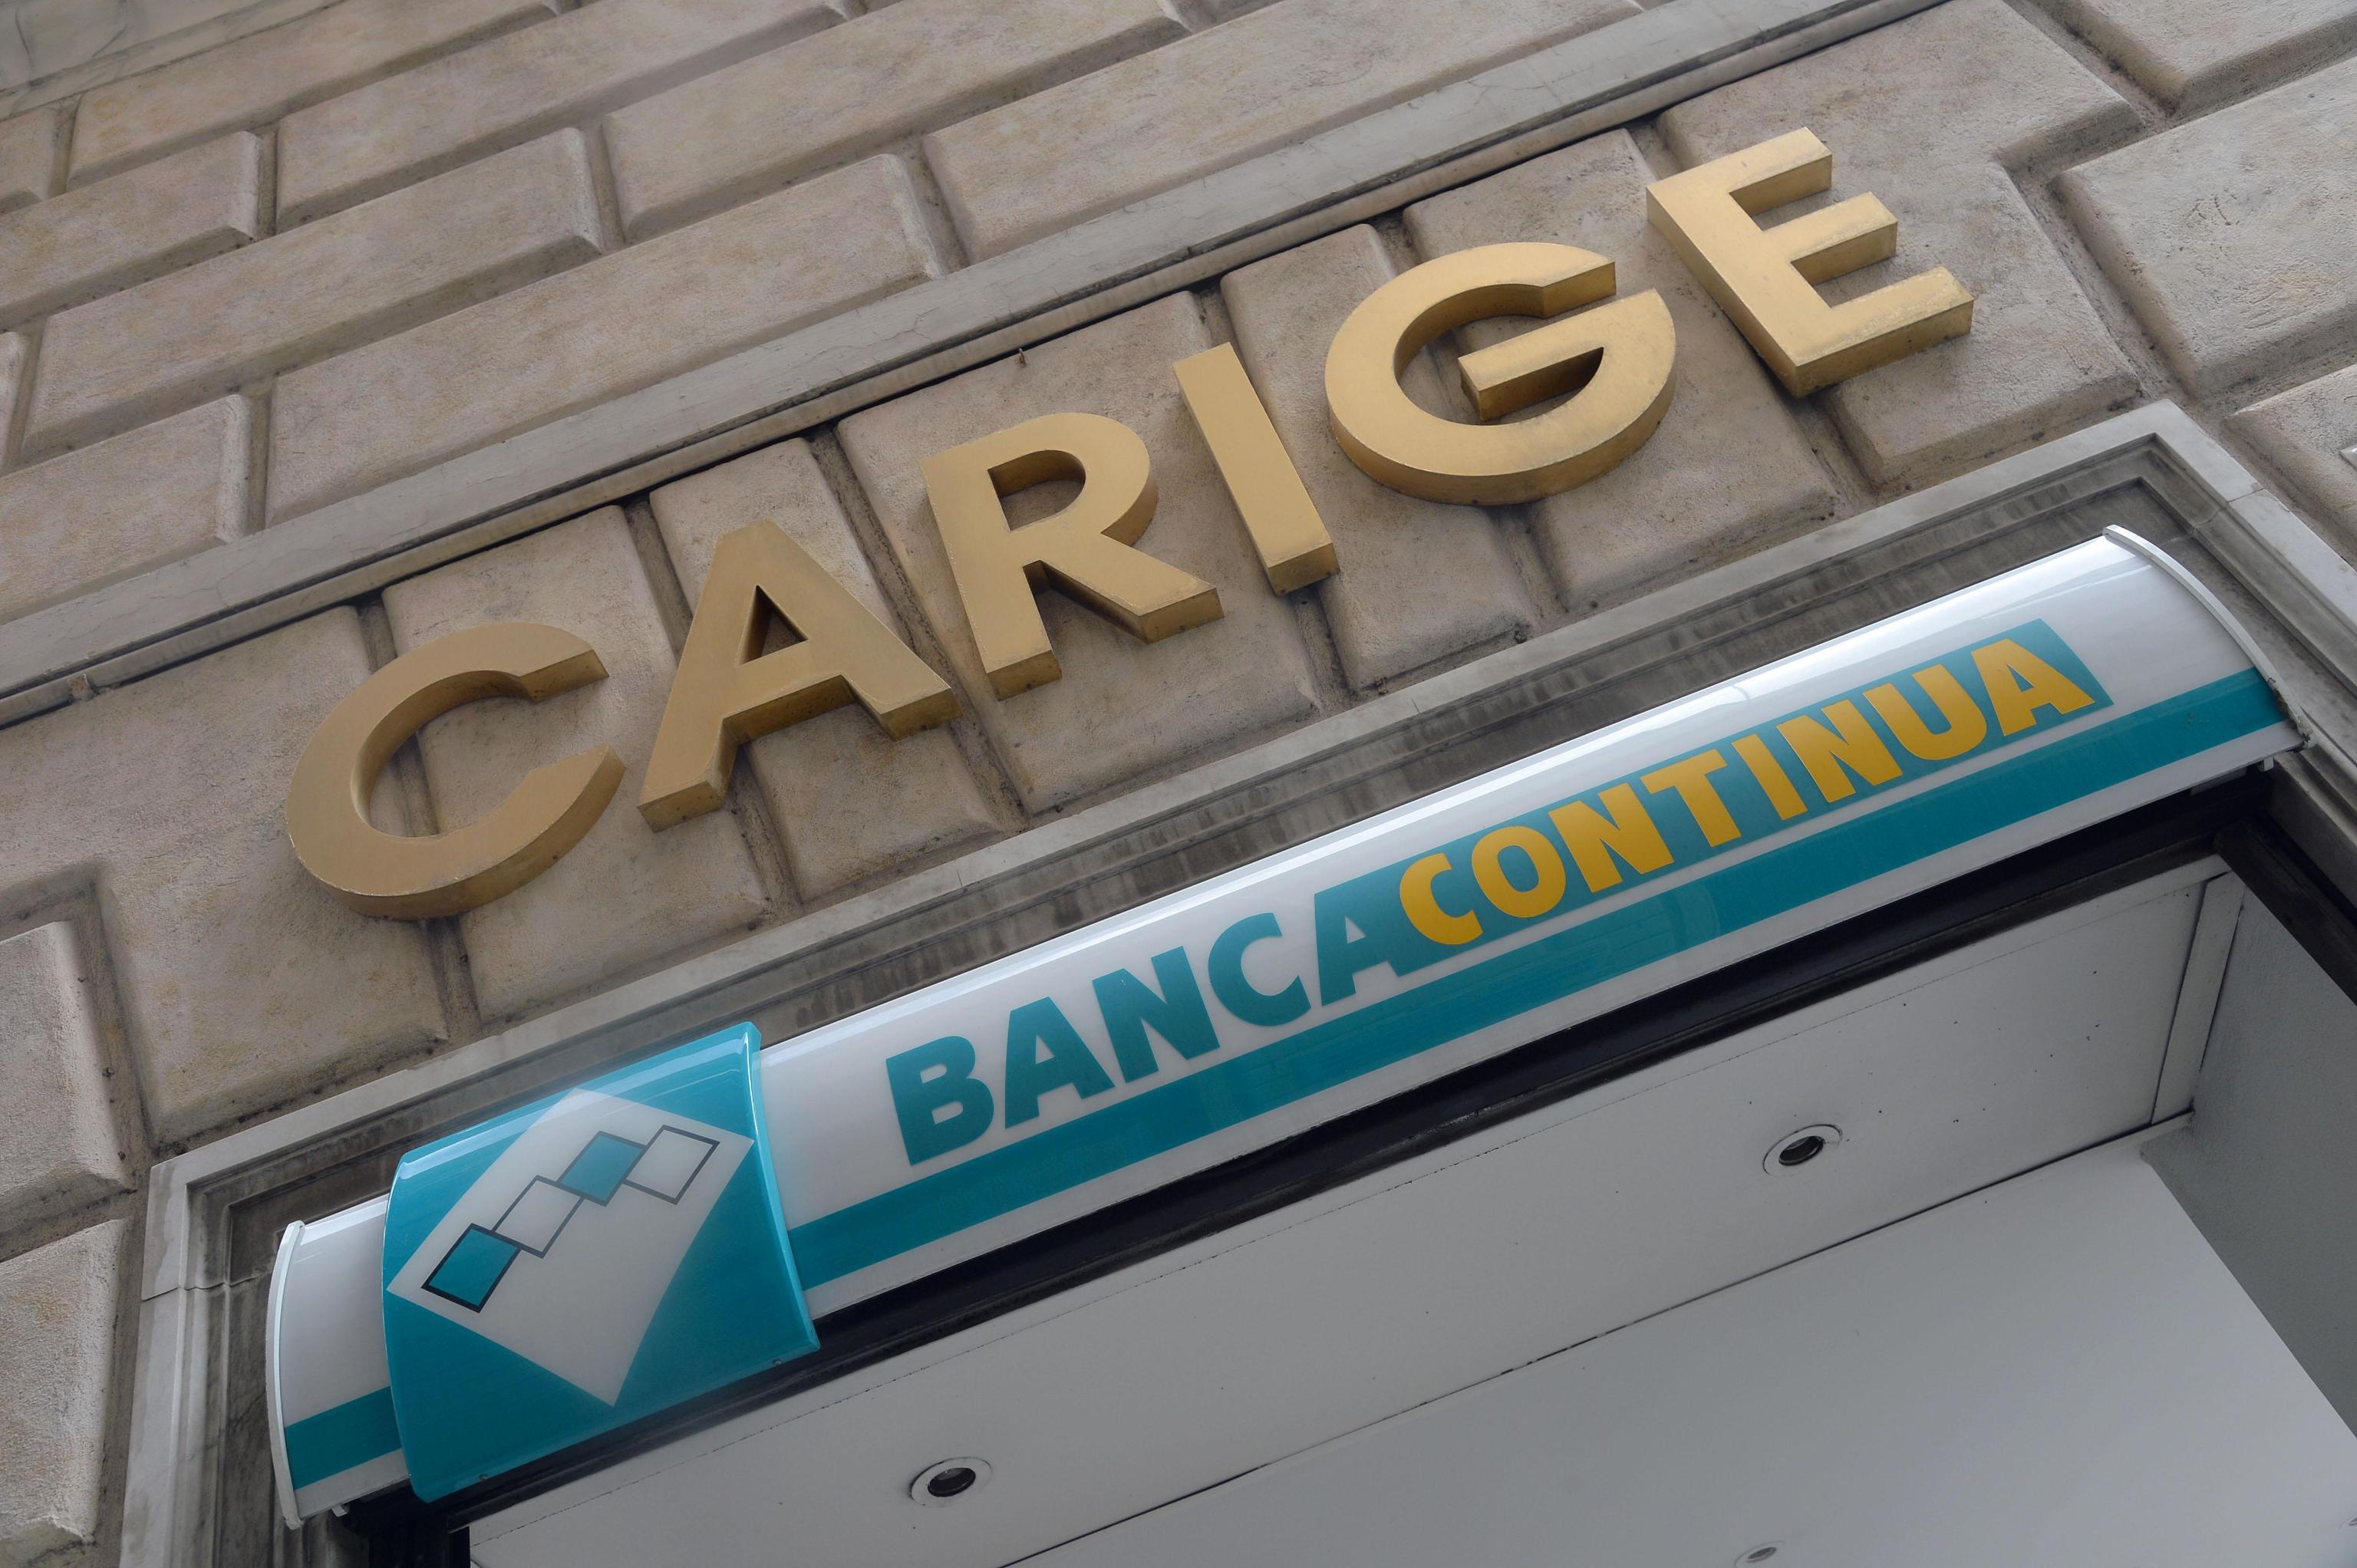 Banca Carige: al via la ricapitalizzazione da 500 milioni